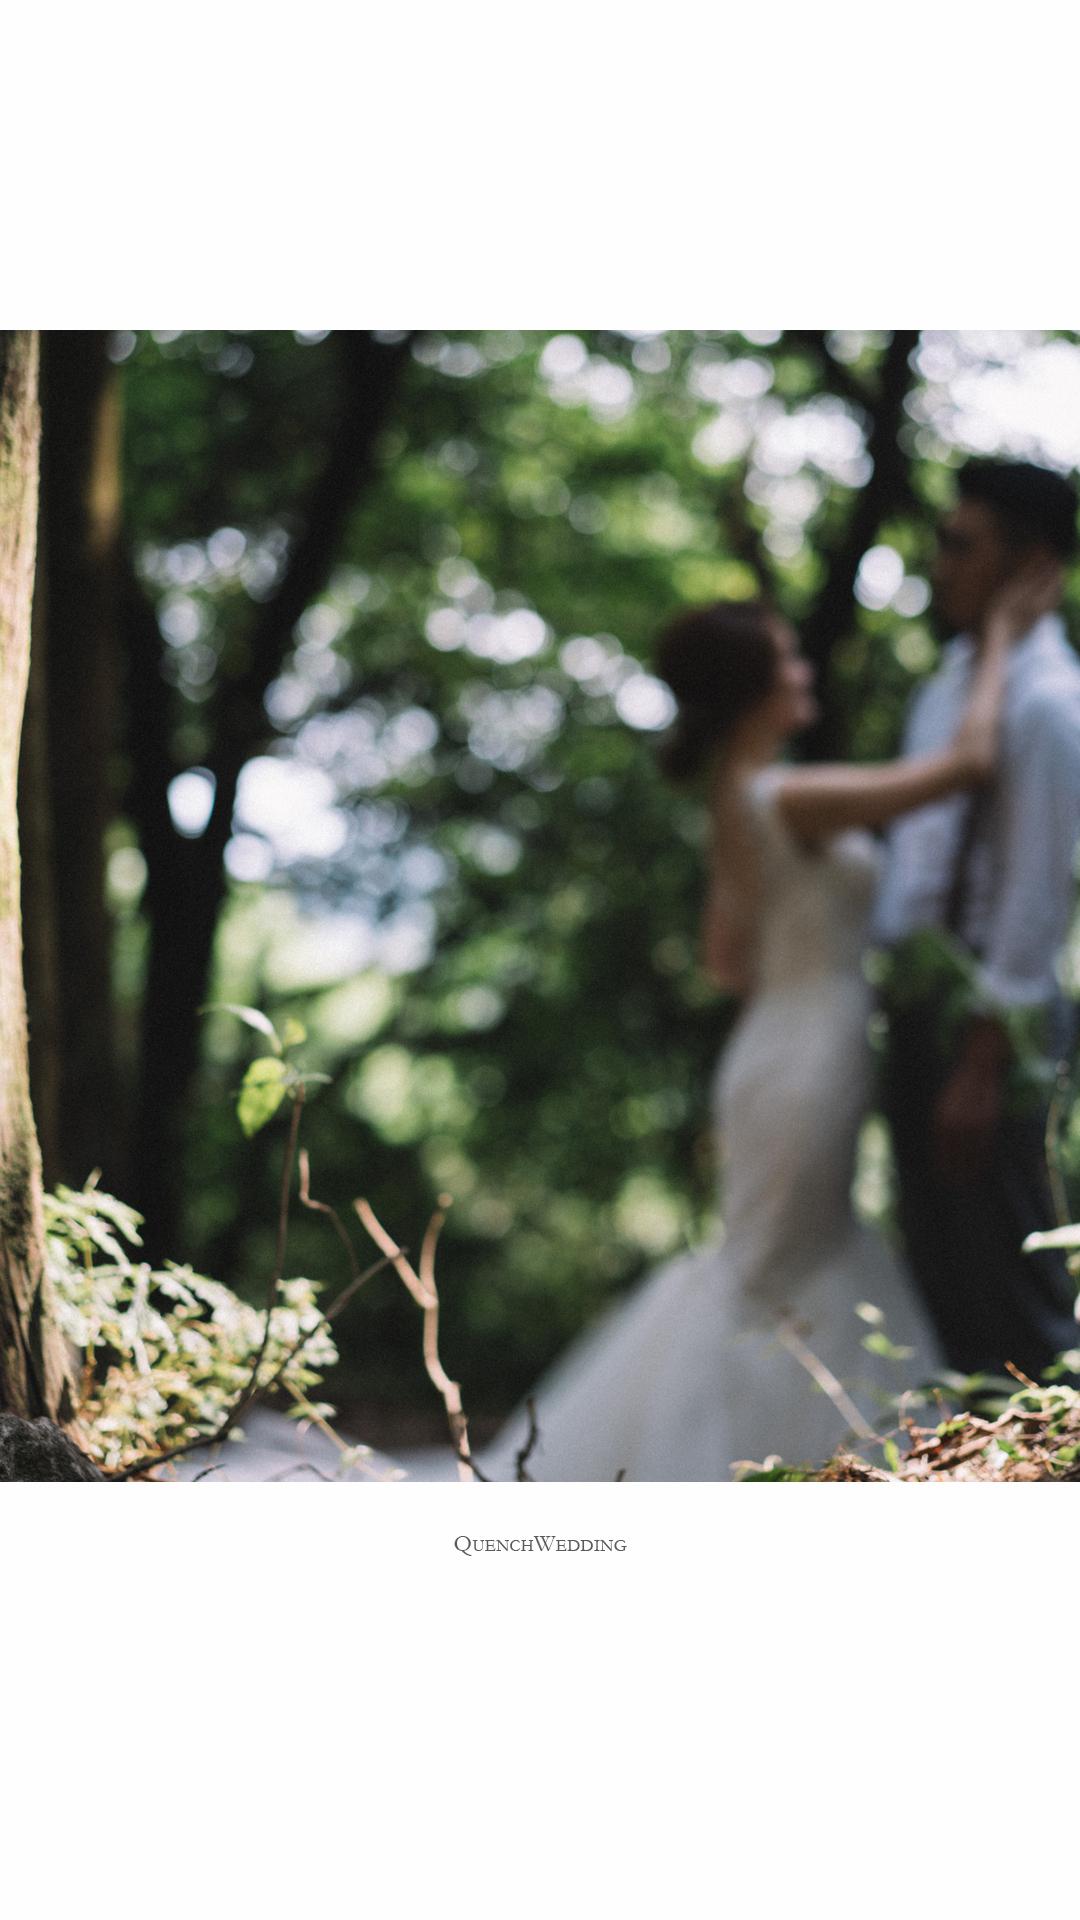 自助婚紗,婚攝,婚紗,陽明山,prewedding